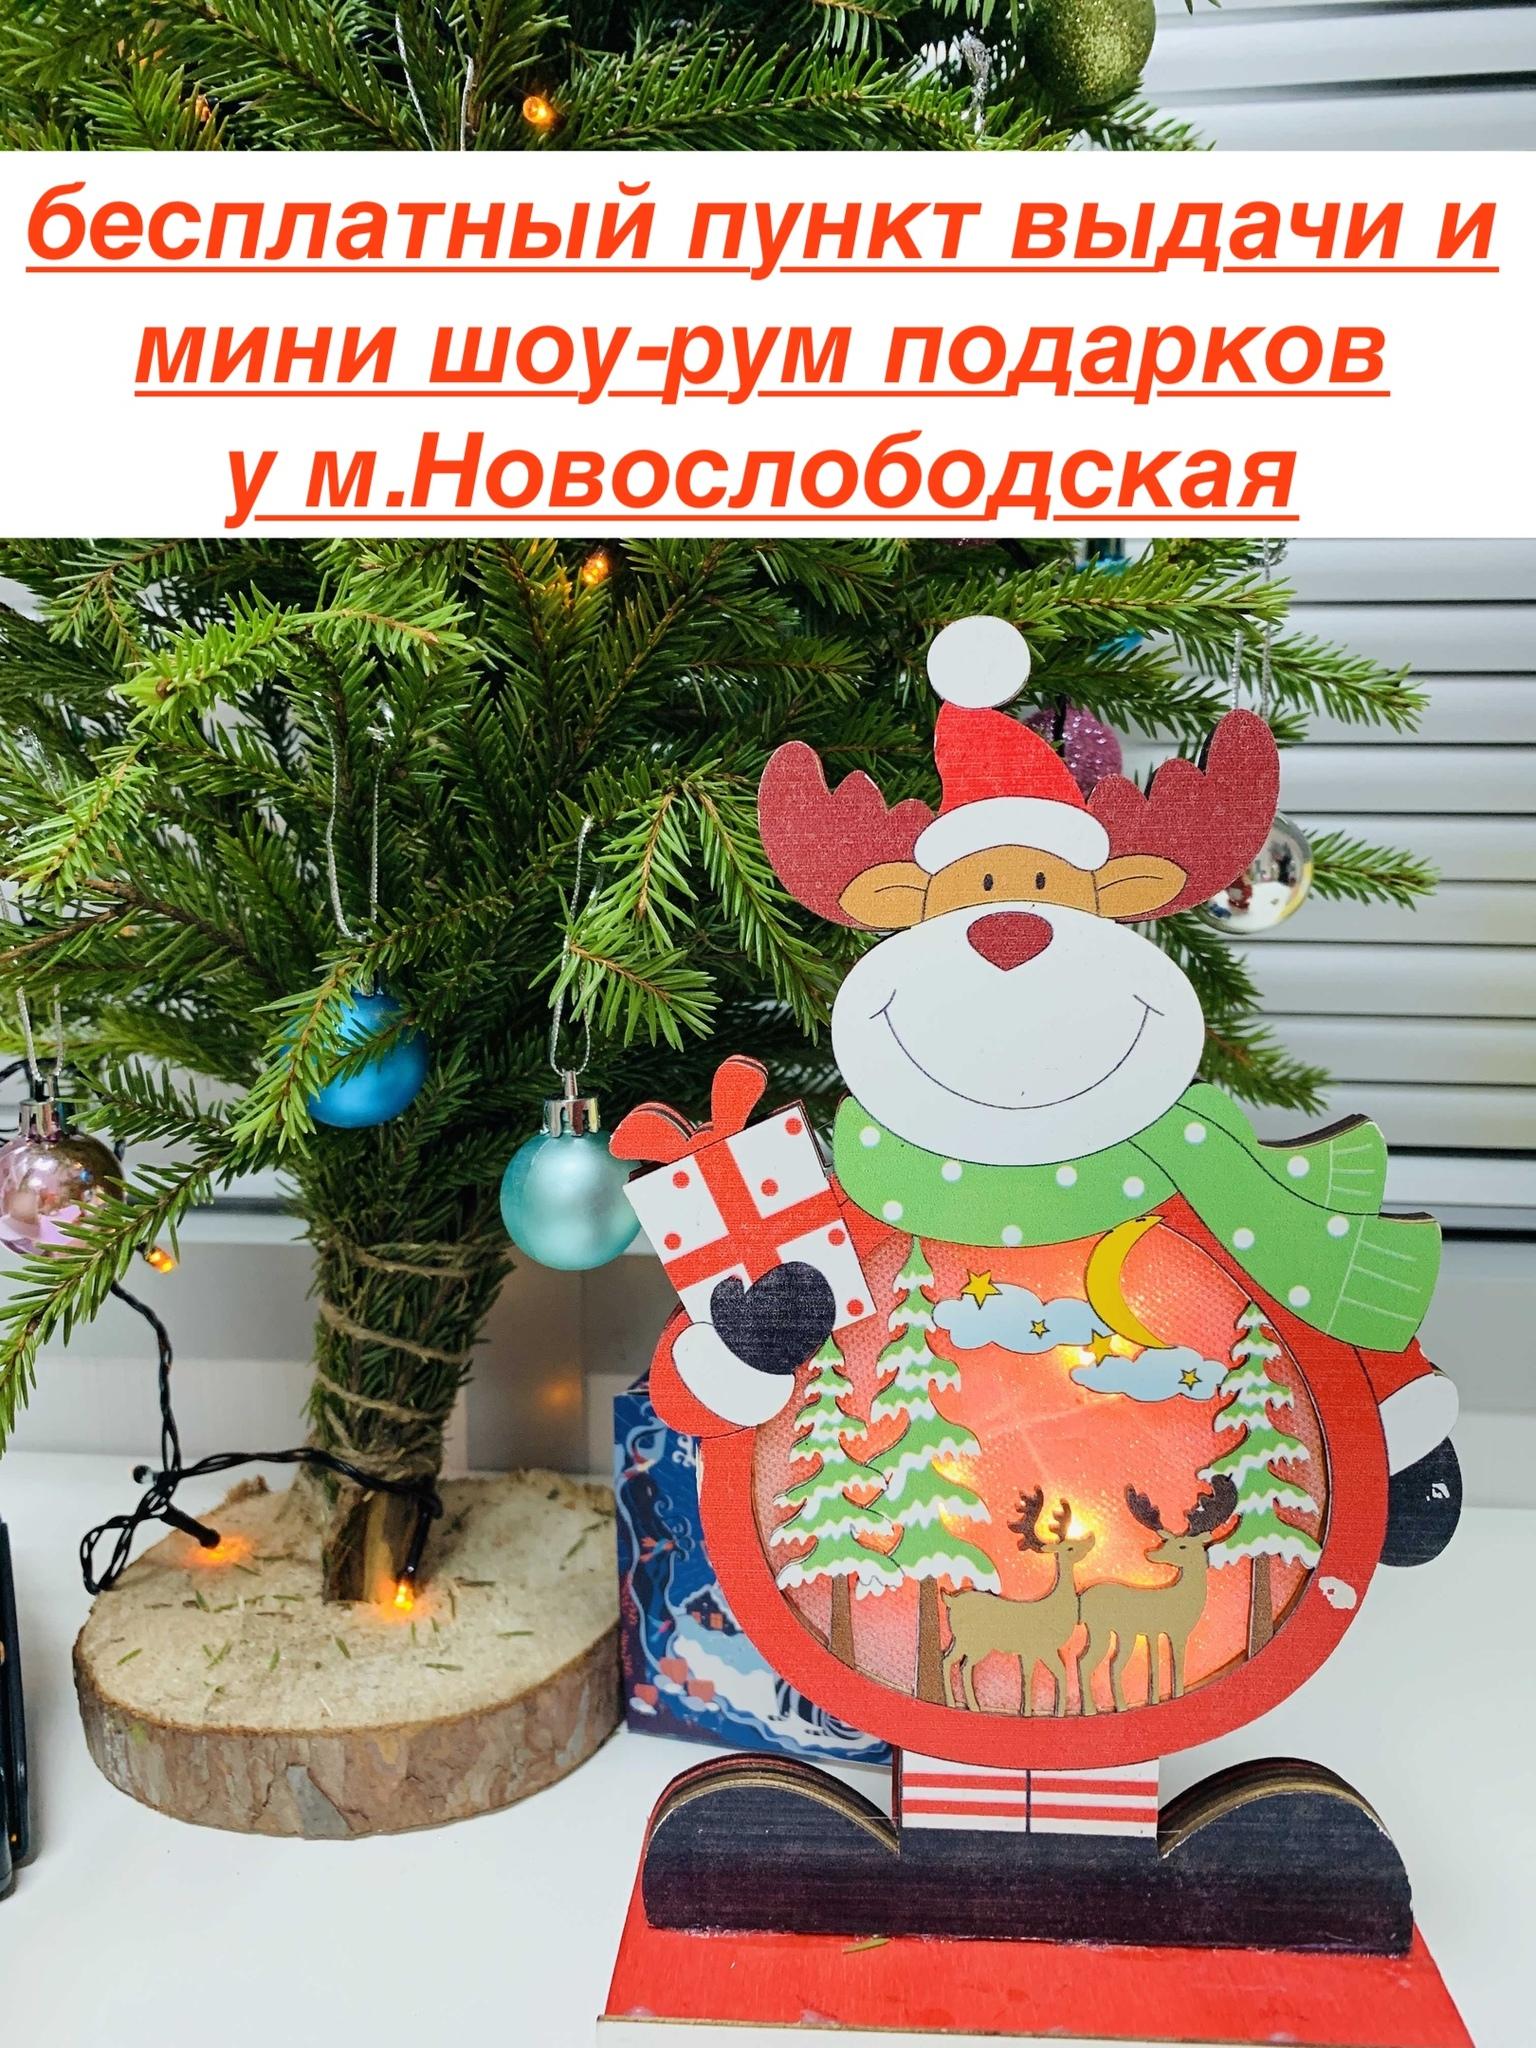 Новогодние подарки, гирлянды и символы года для Вас!